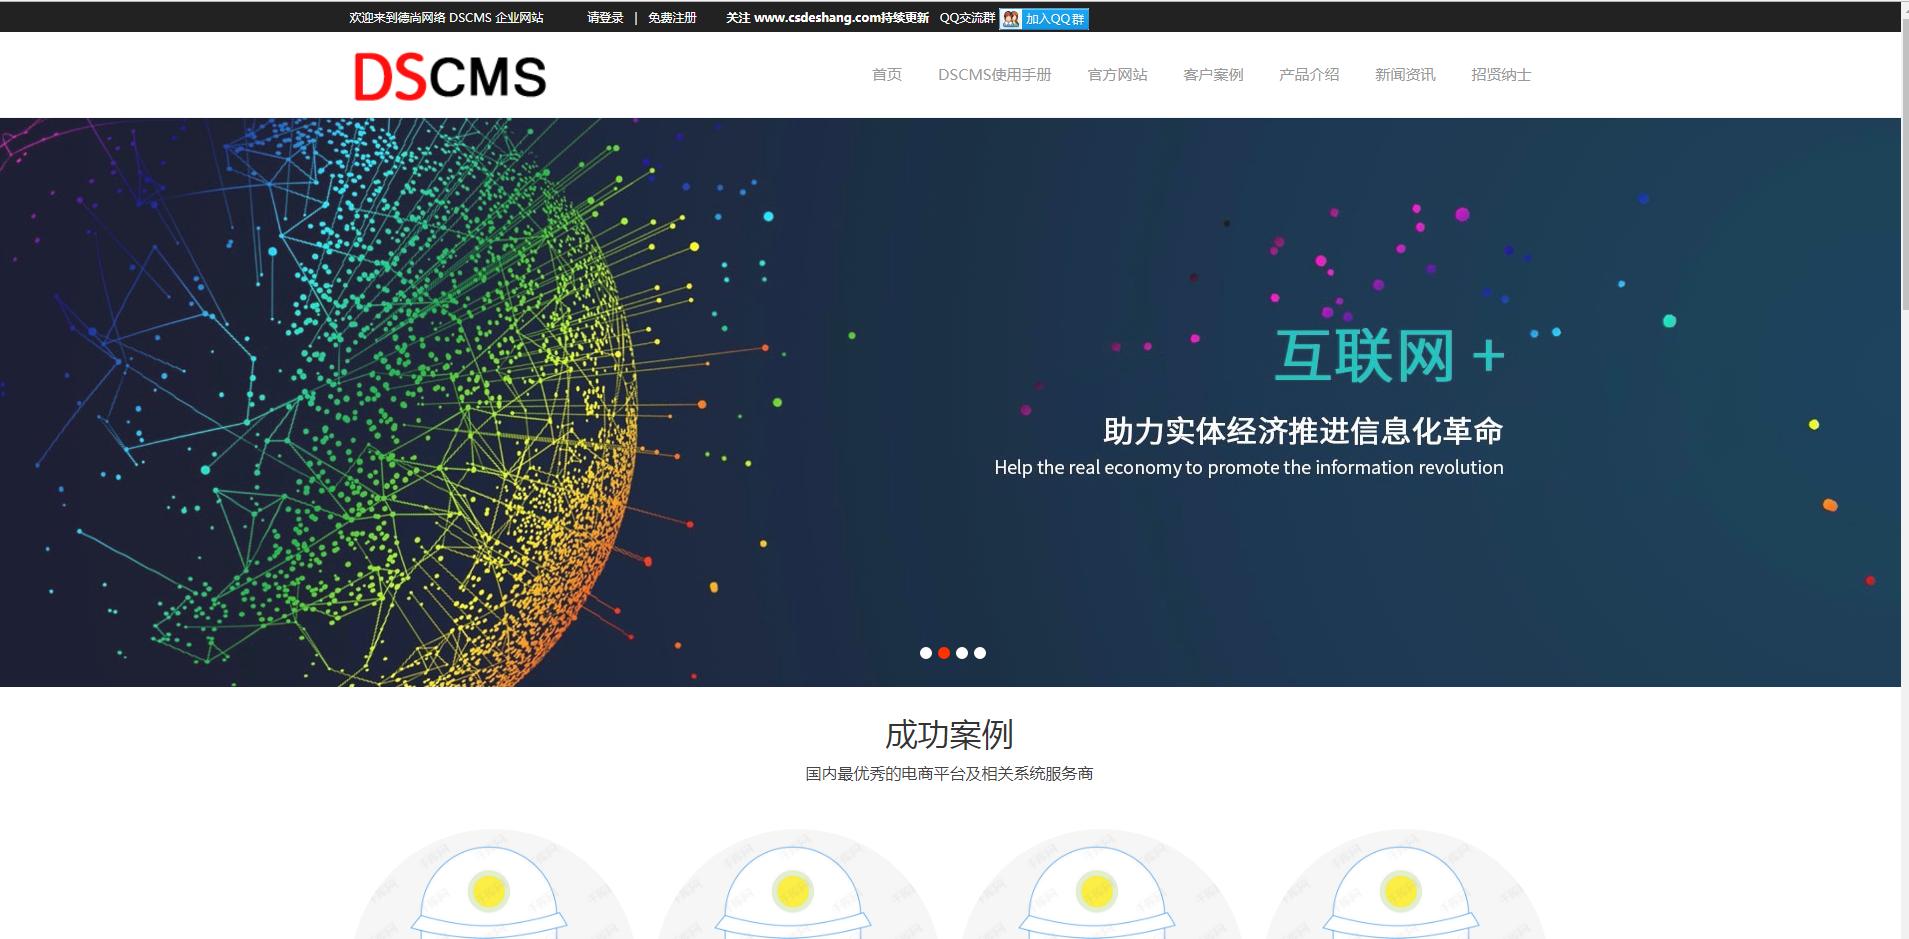 DSCMS-Thinkphp全开源企业站源码内容管理系统